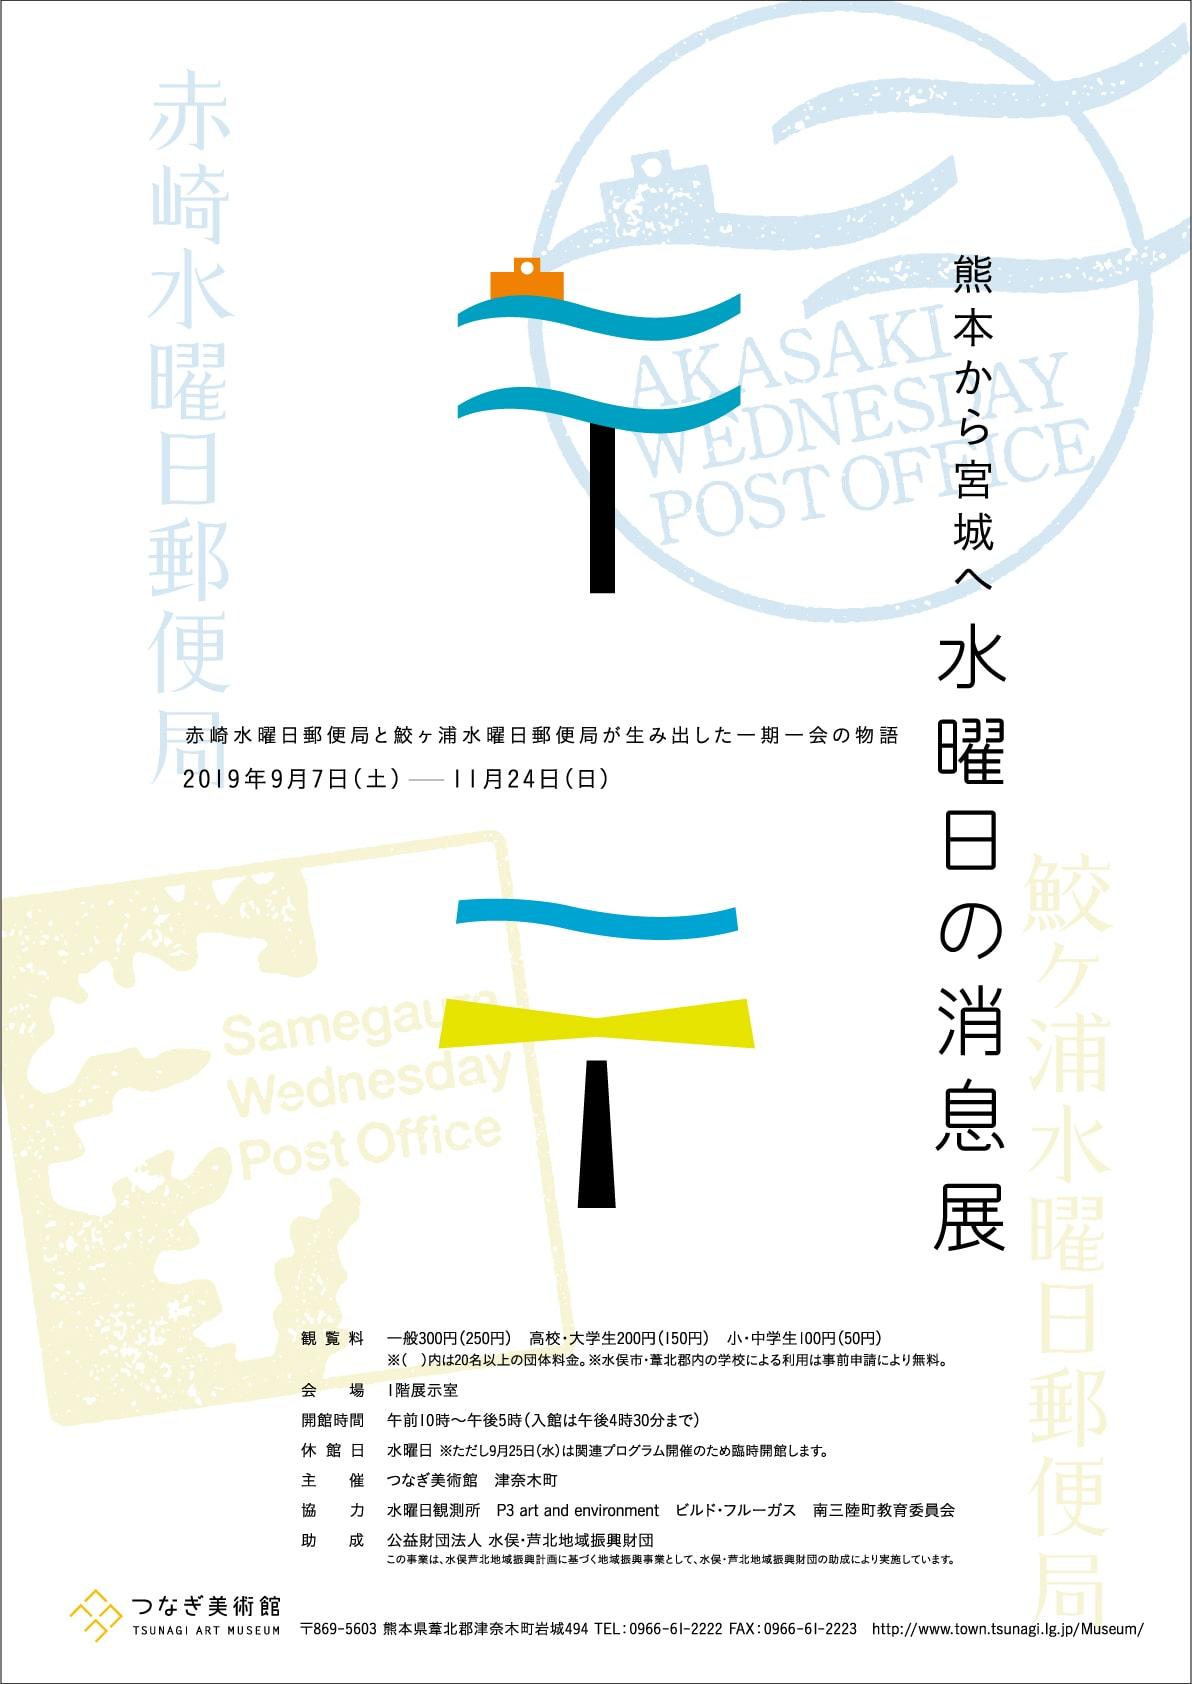 熊本から宮城へ 水曜日の消息展チラシ2